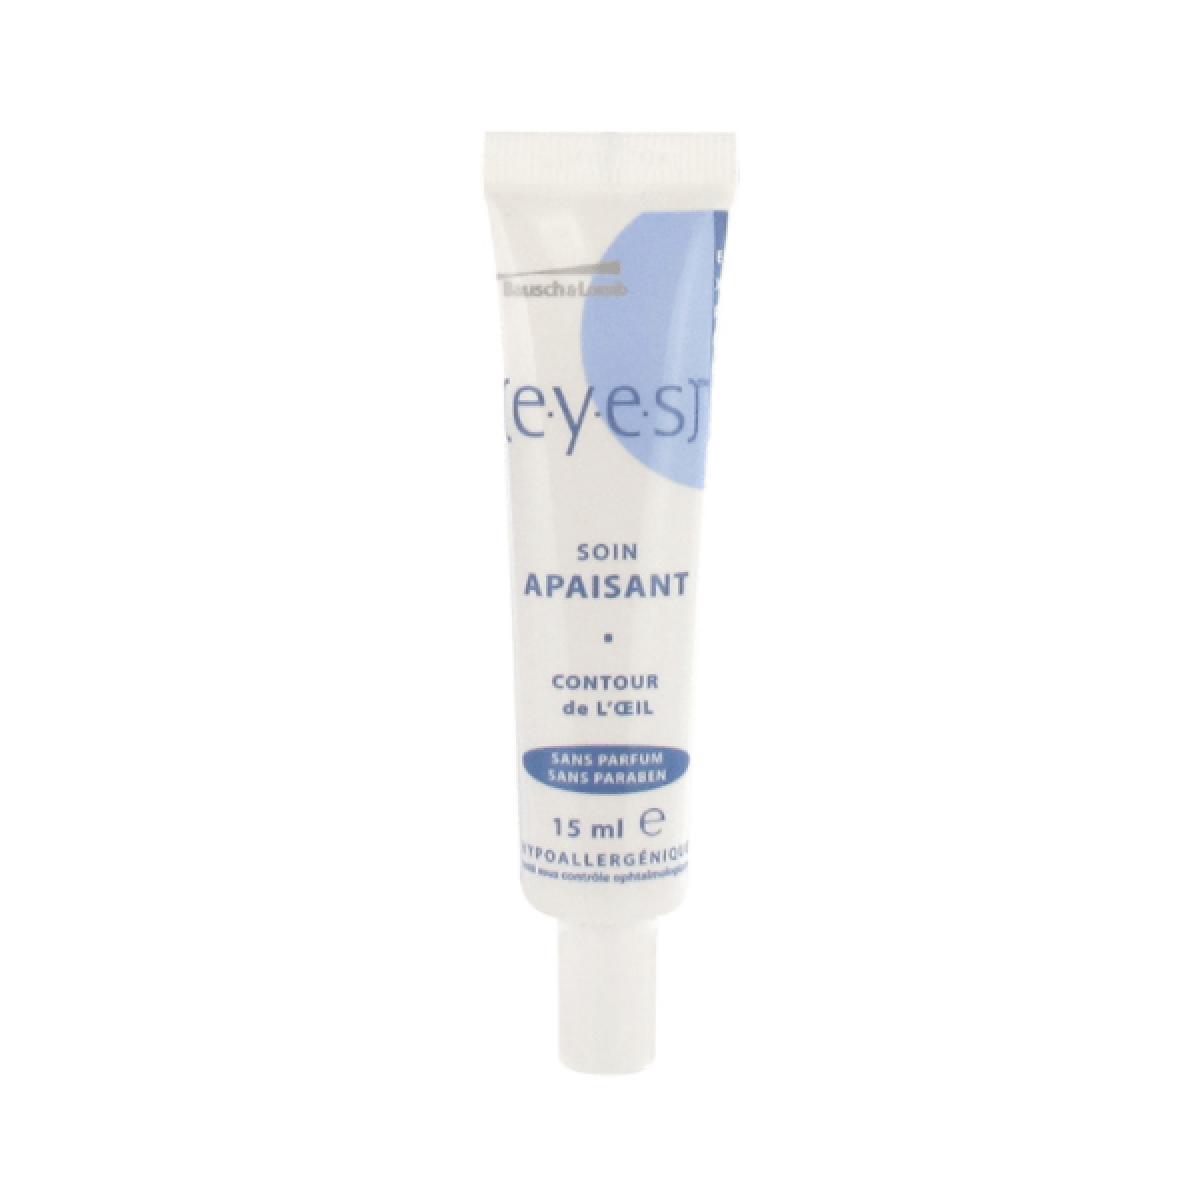 Eyes 15ml Pharmarket BauschLomb Parapharmacie Apaisant Soin 35RLAj4